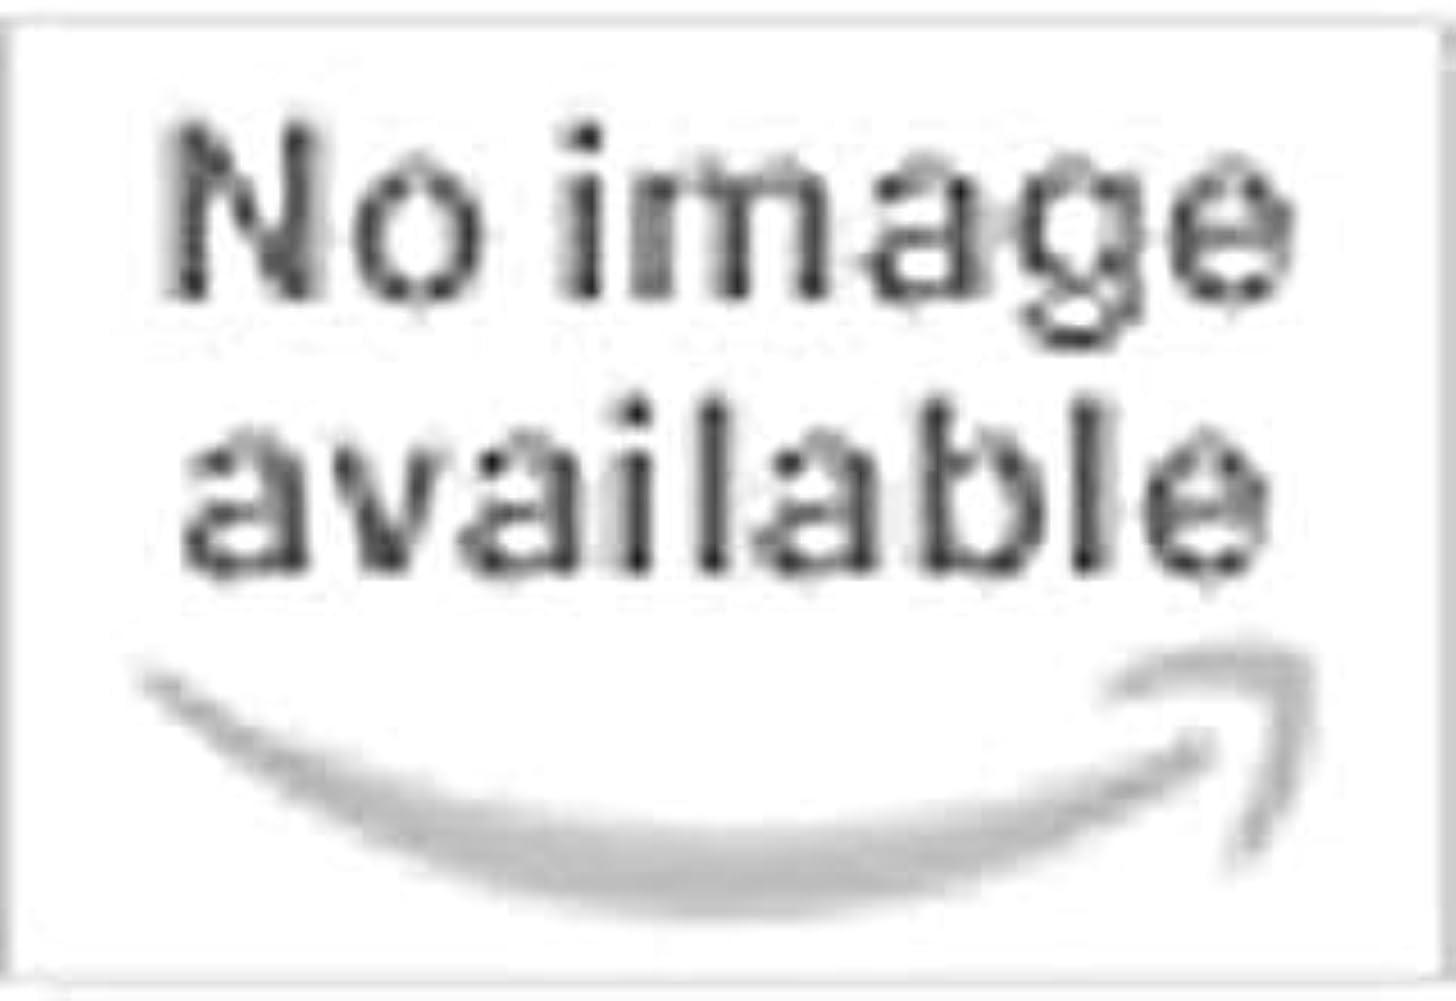 抵当滑る広告Schwarzkopf エッセンスアンモニアフリーパーマネントヘア 色 植物脂質テクノロジー(洗練された色合いアプリケーターブラシ付き)ヘアカラー(5-5ライトゴールドブラウン)